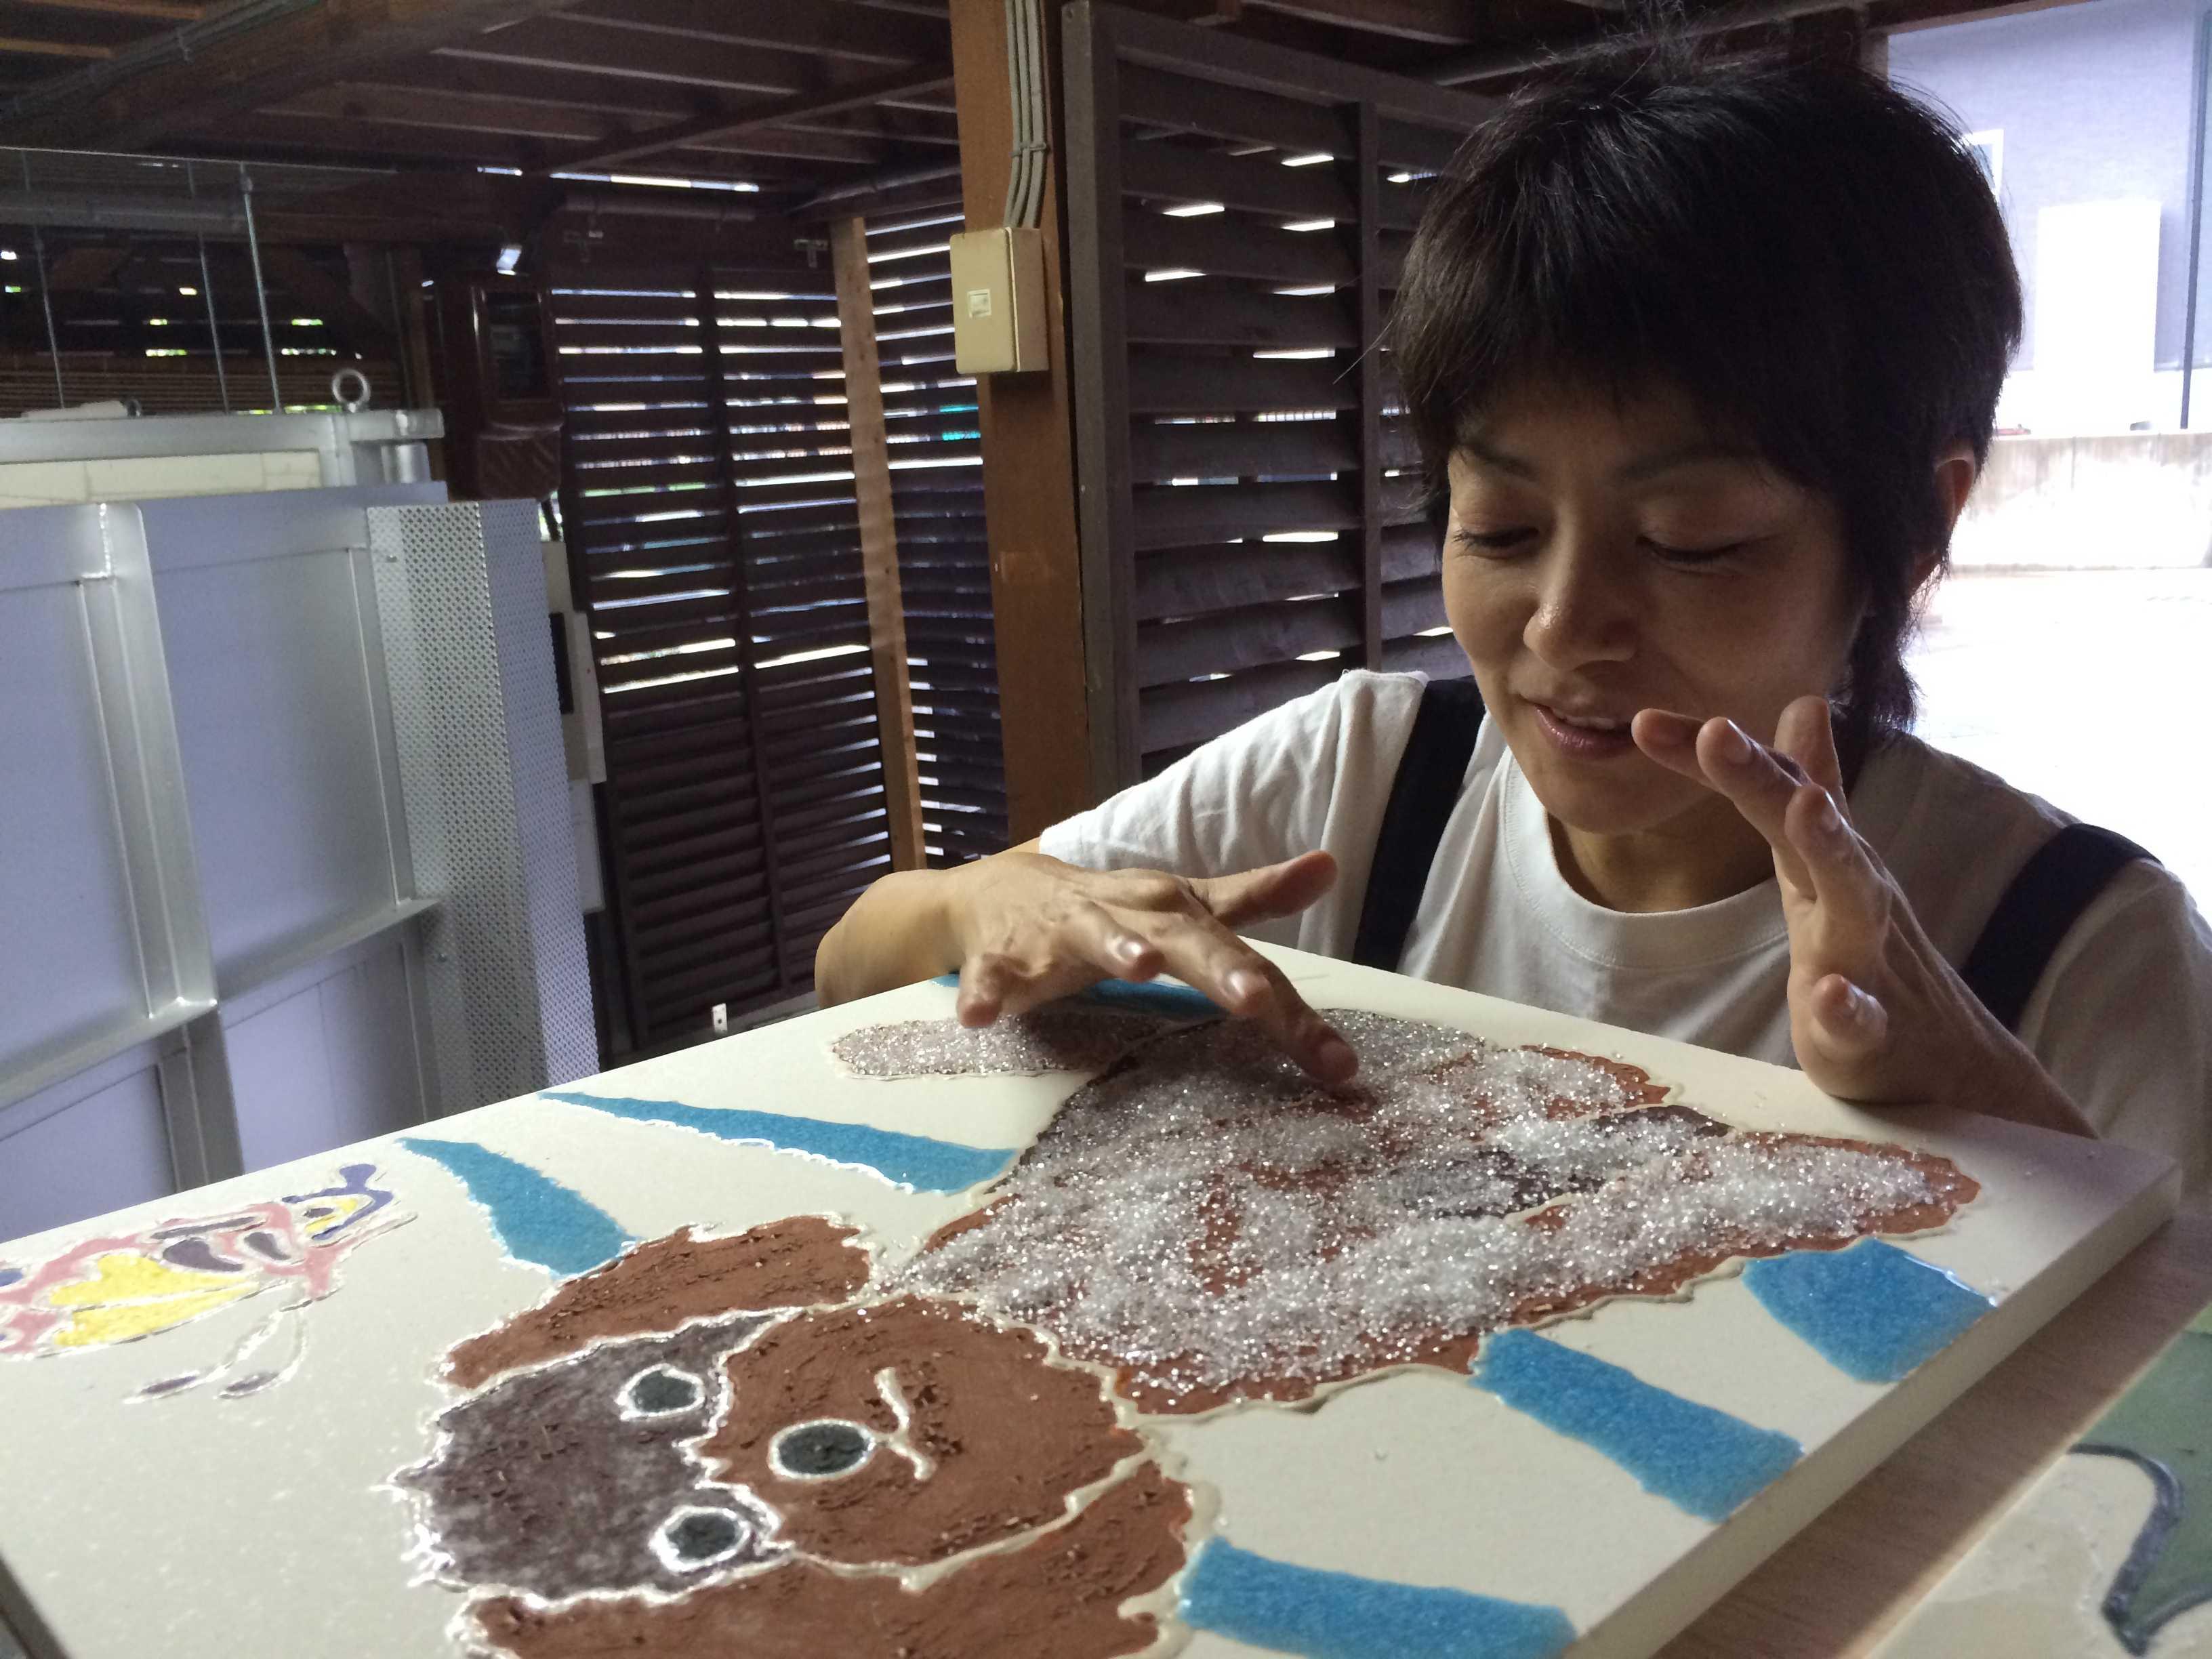 「色を超えた色、形を超えた形」私も陶画家としてそれを目指したいな_d0339885_12564113.jpg